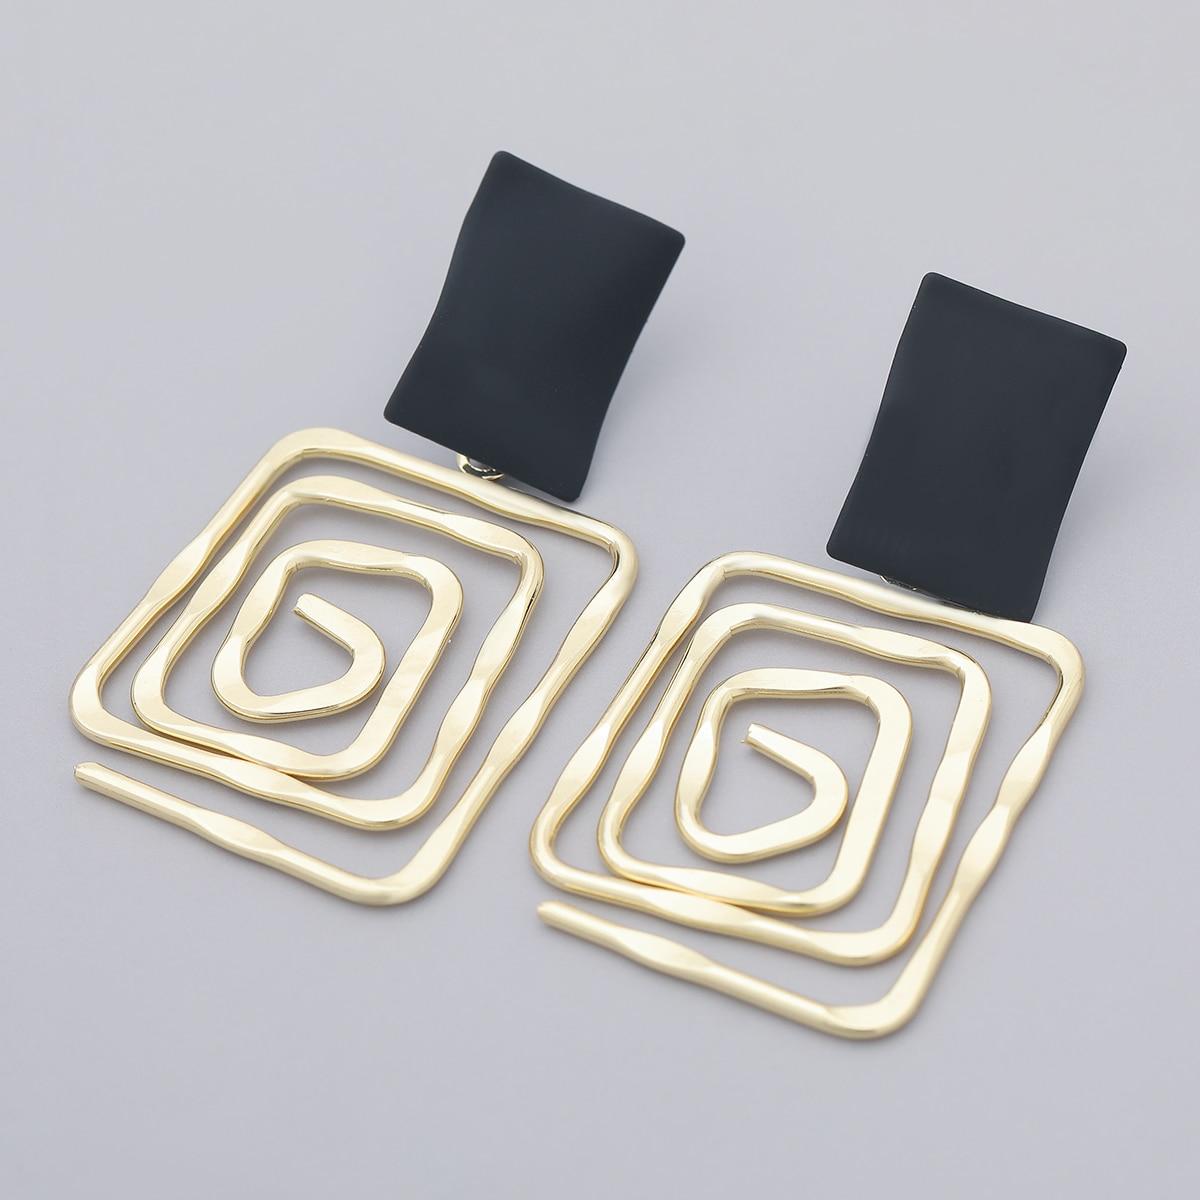 Fashion Simple Metal Back Shape Geometric Earrings Women's Popular Creative Drop Earrings Retro Party Jewelry Accessories